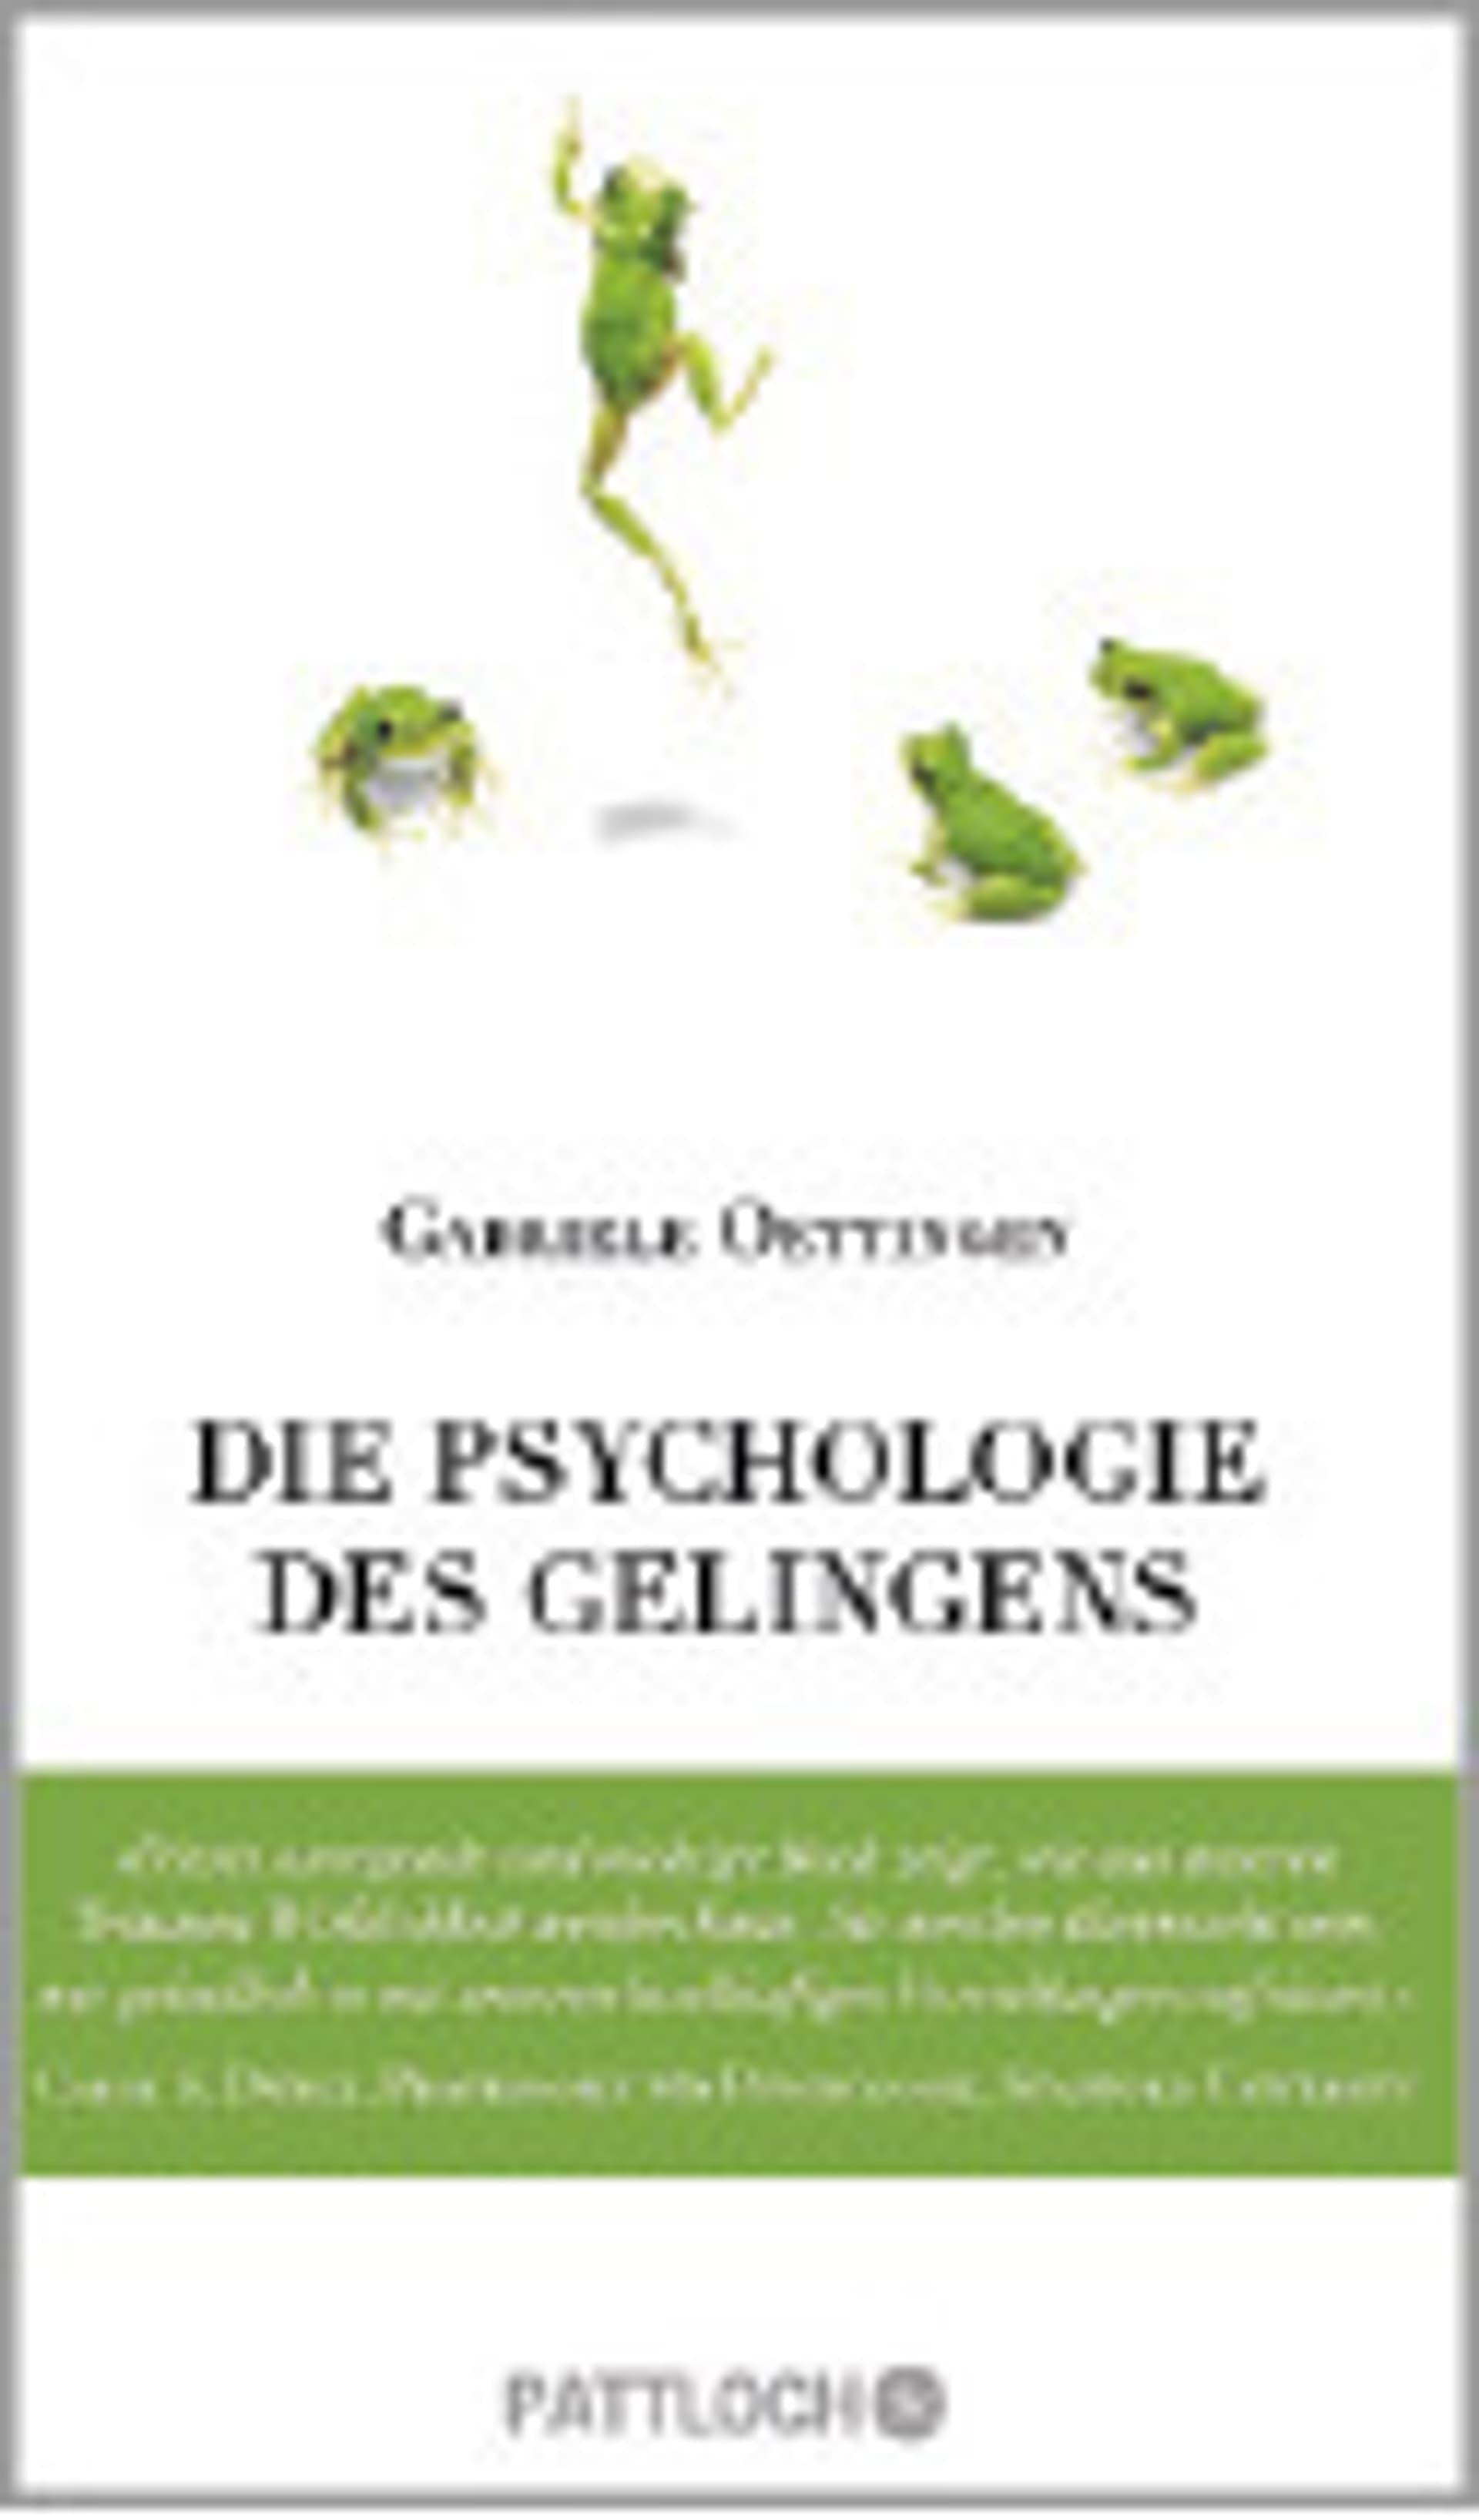 Psychologie des gelinges